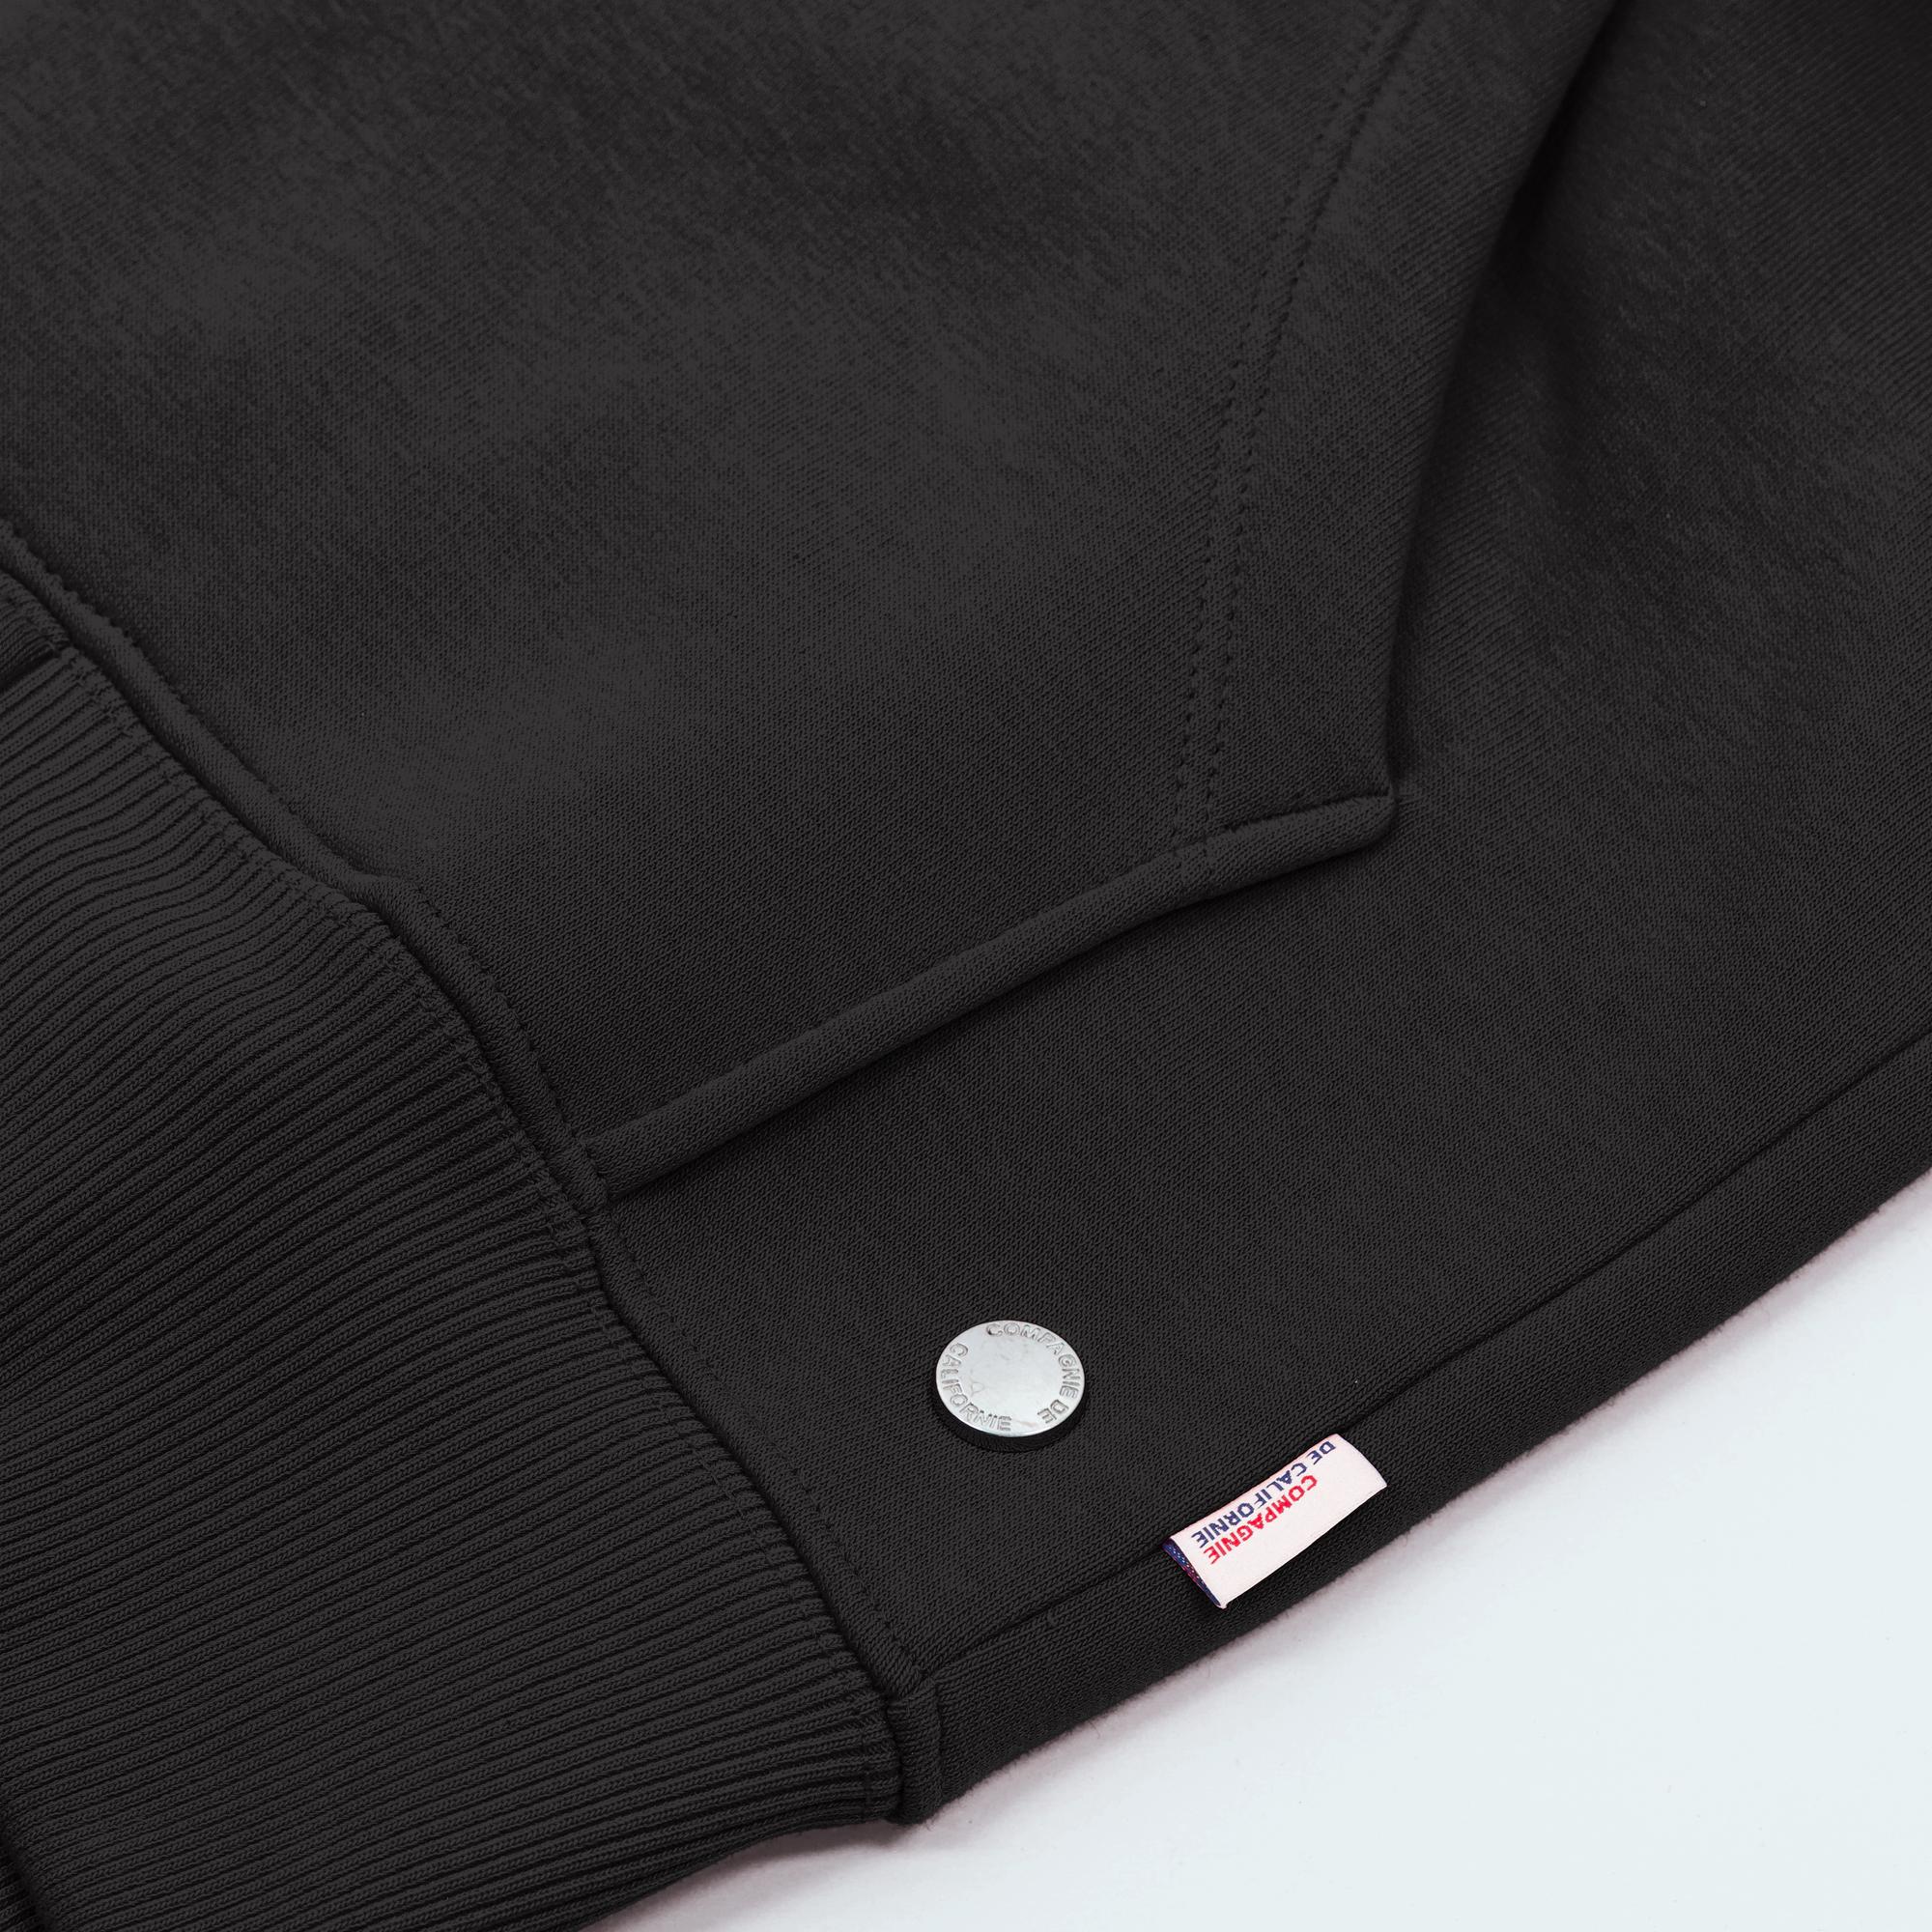 new cupertino hoodie zip black 2